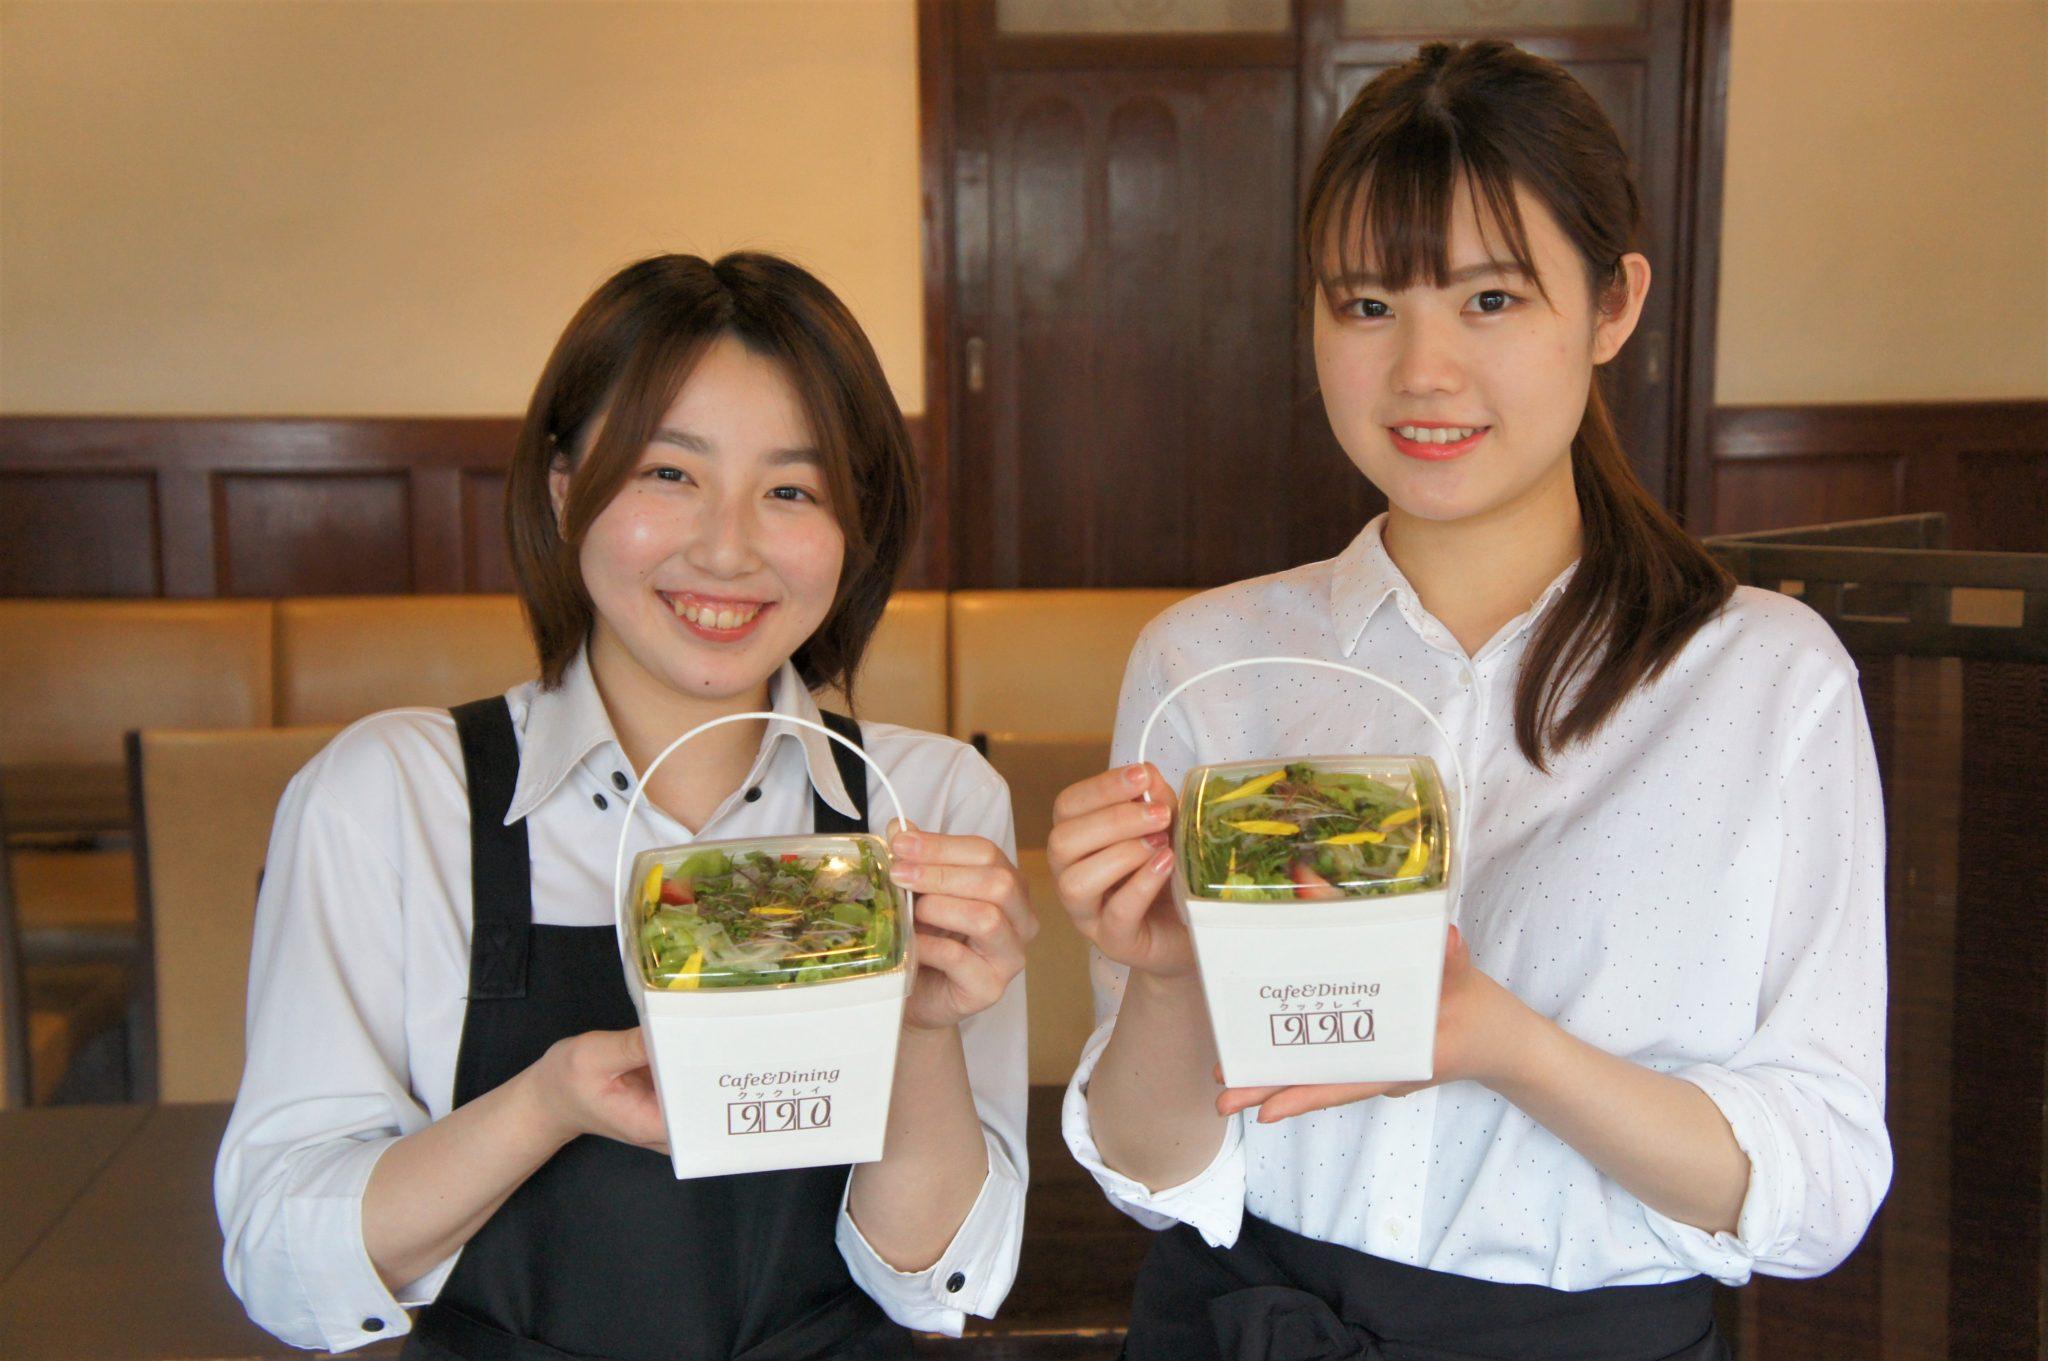 《テイクアウト特集》Cafe & Dining・990